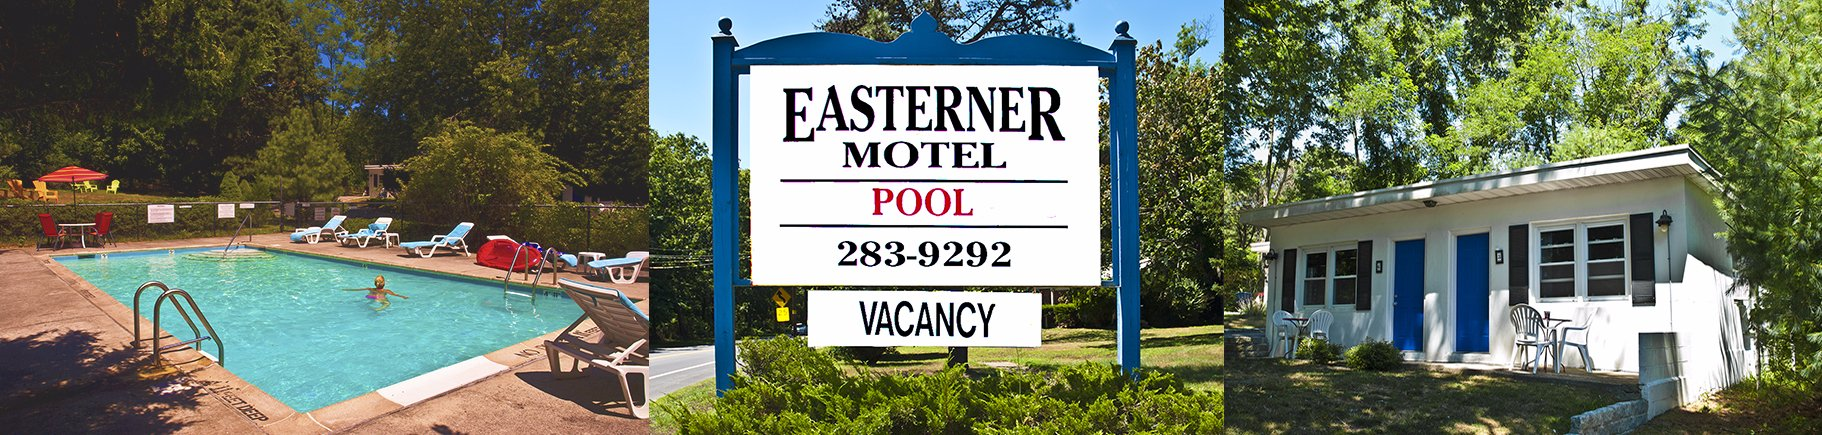 Easterner Motel